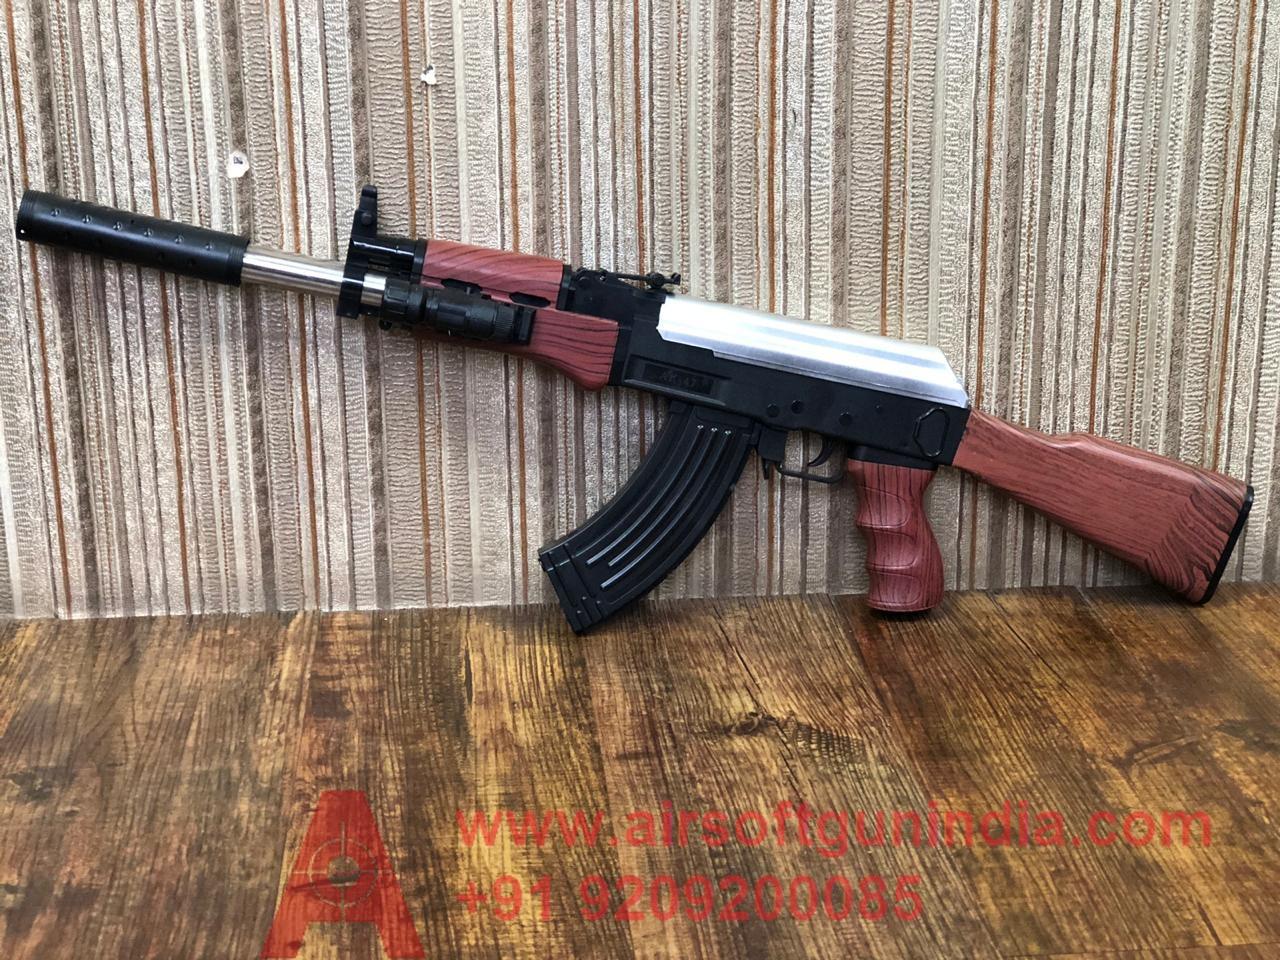 Ak47 Airsoft Rifle 999 By Airsoft Gun India